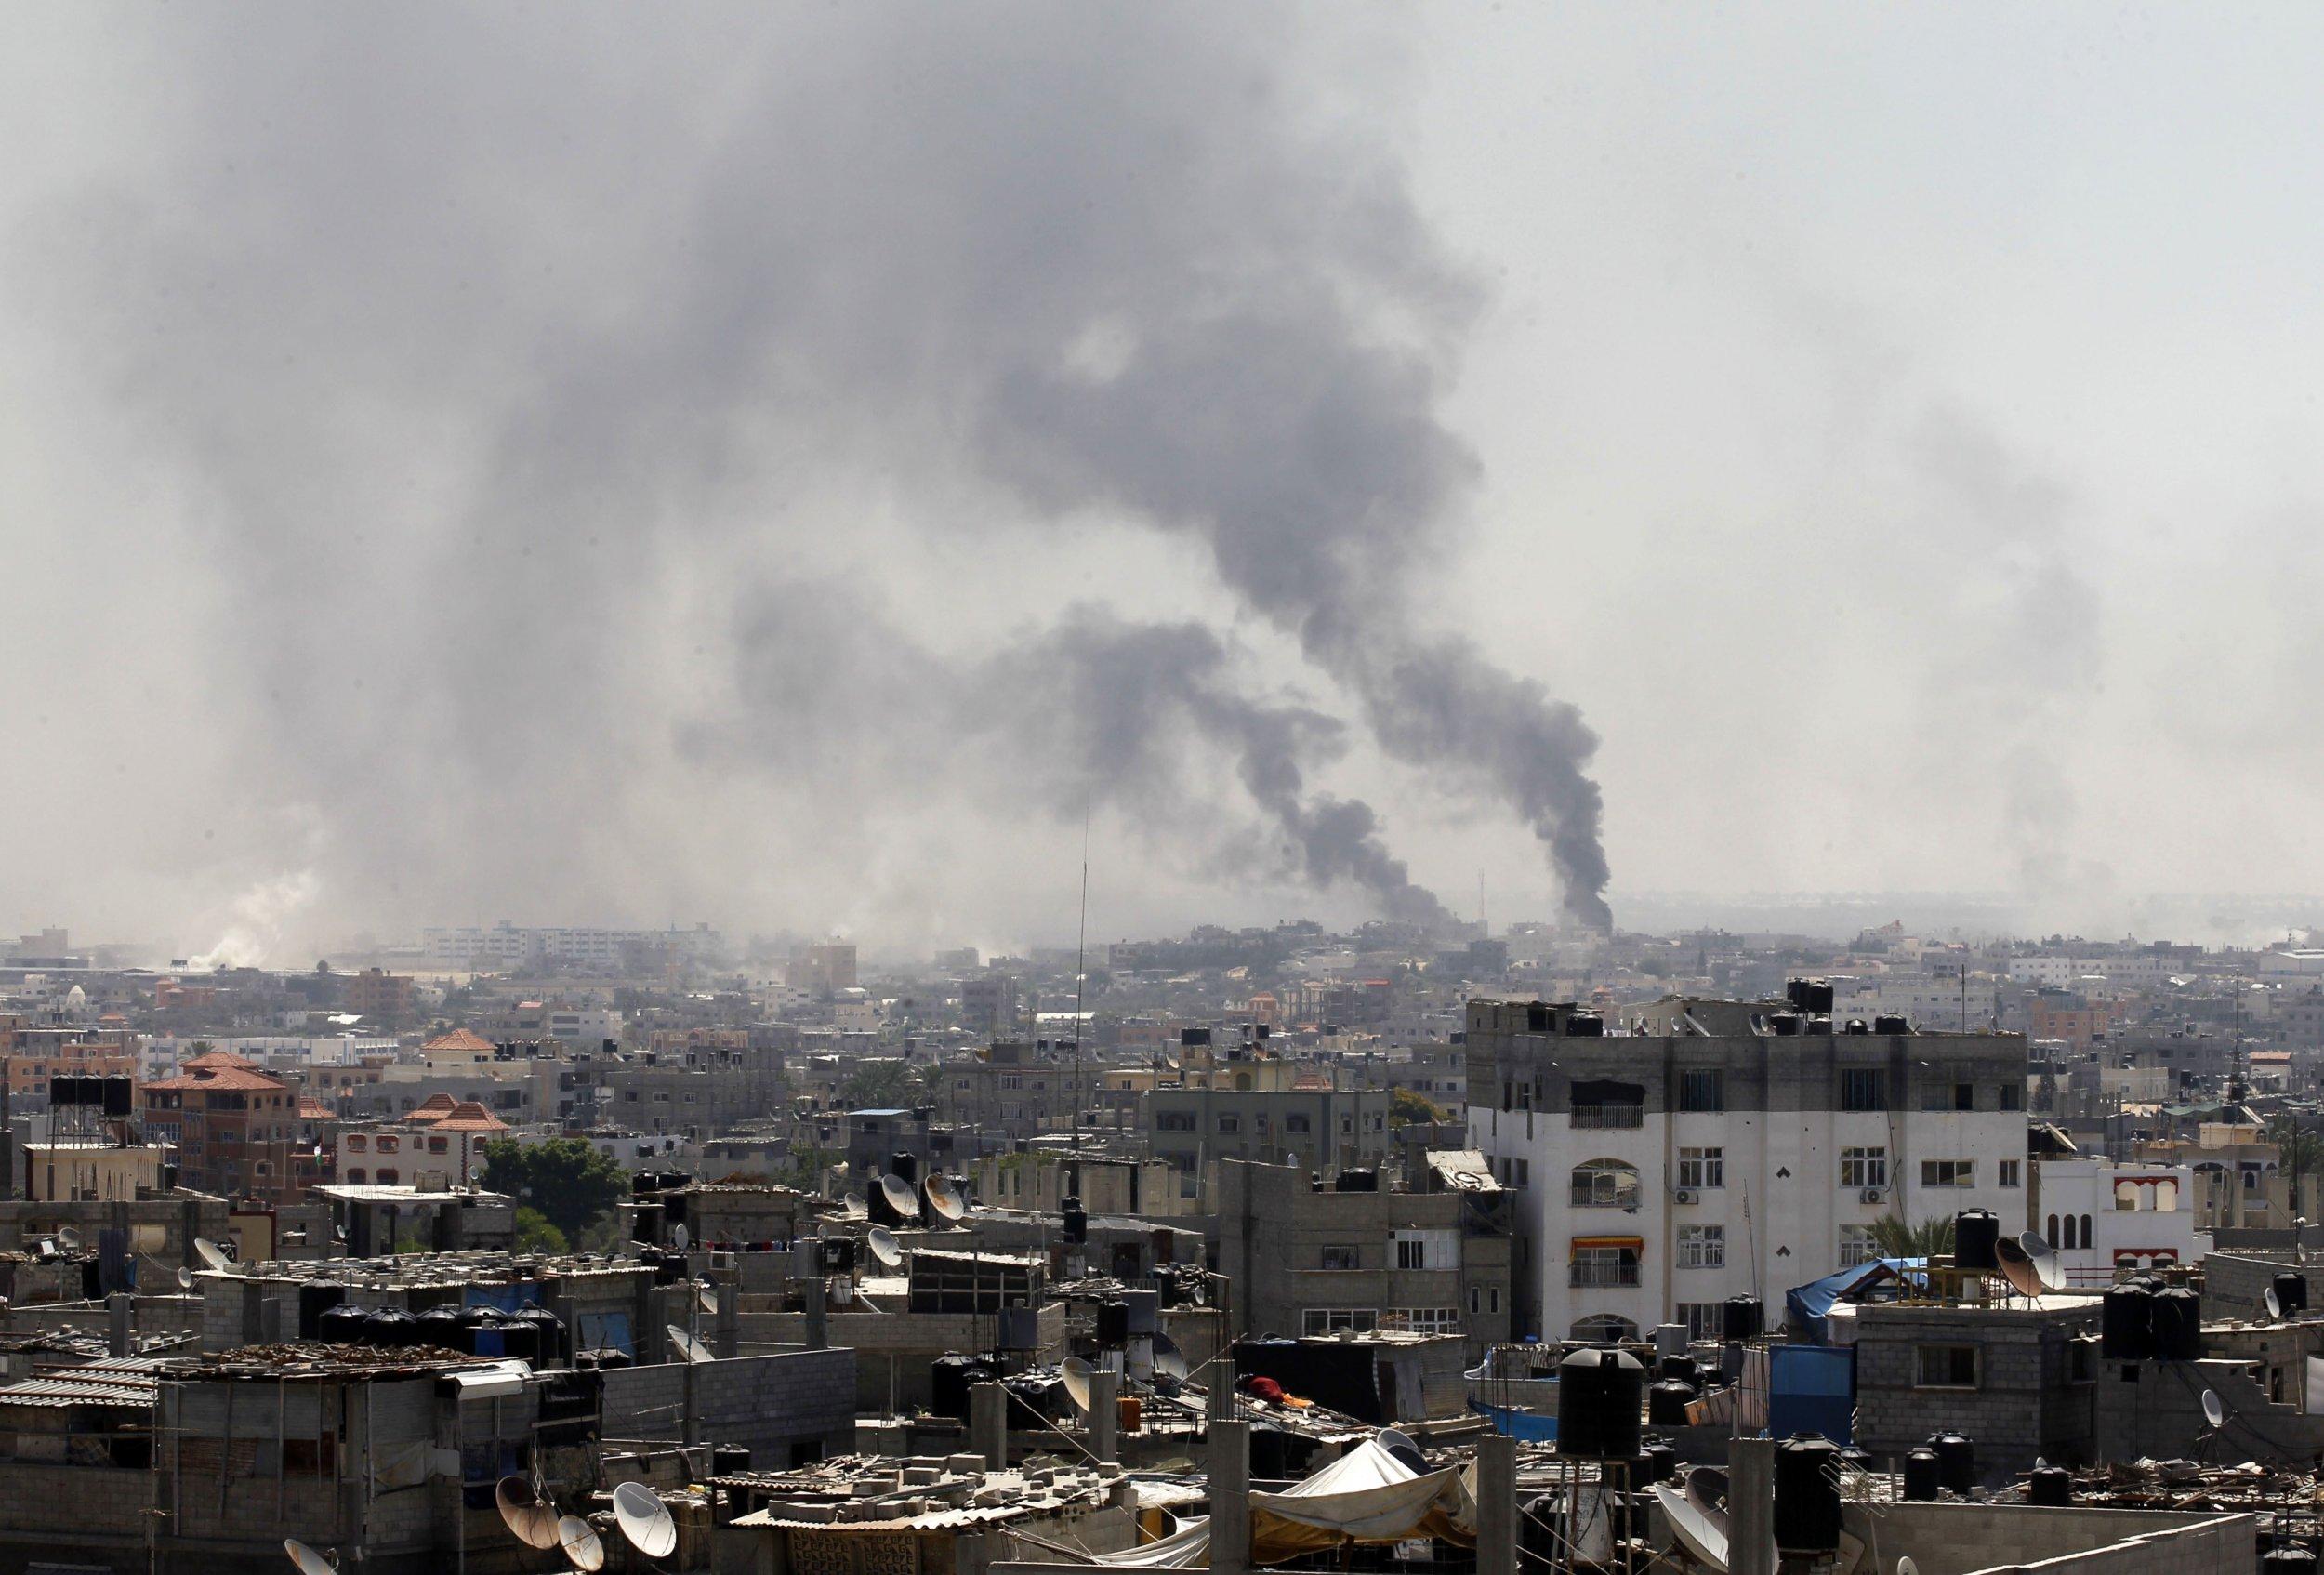 Hannibal Directive in Rafah, Gaza